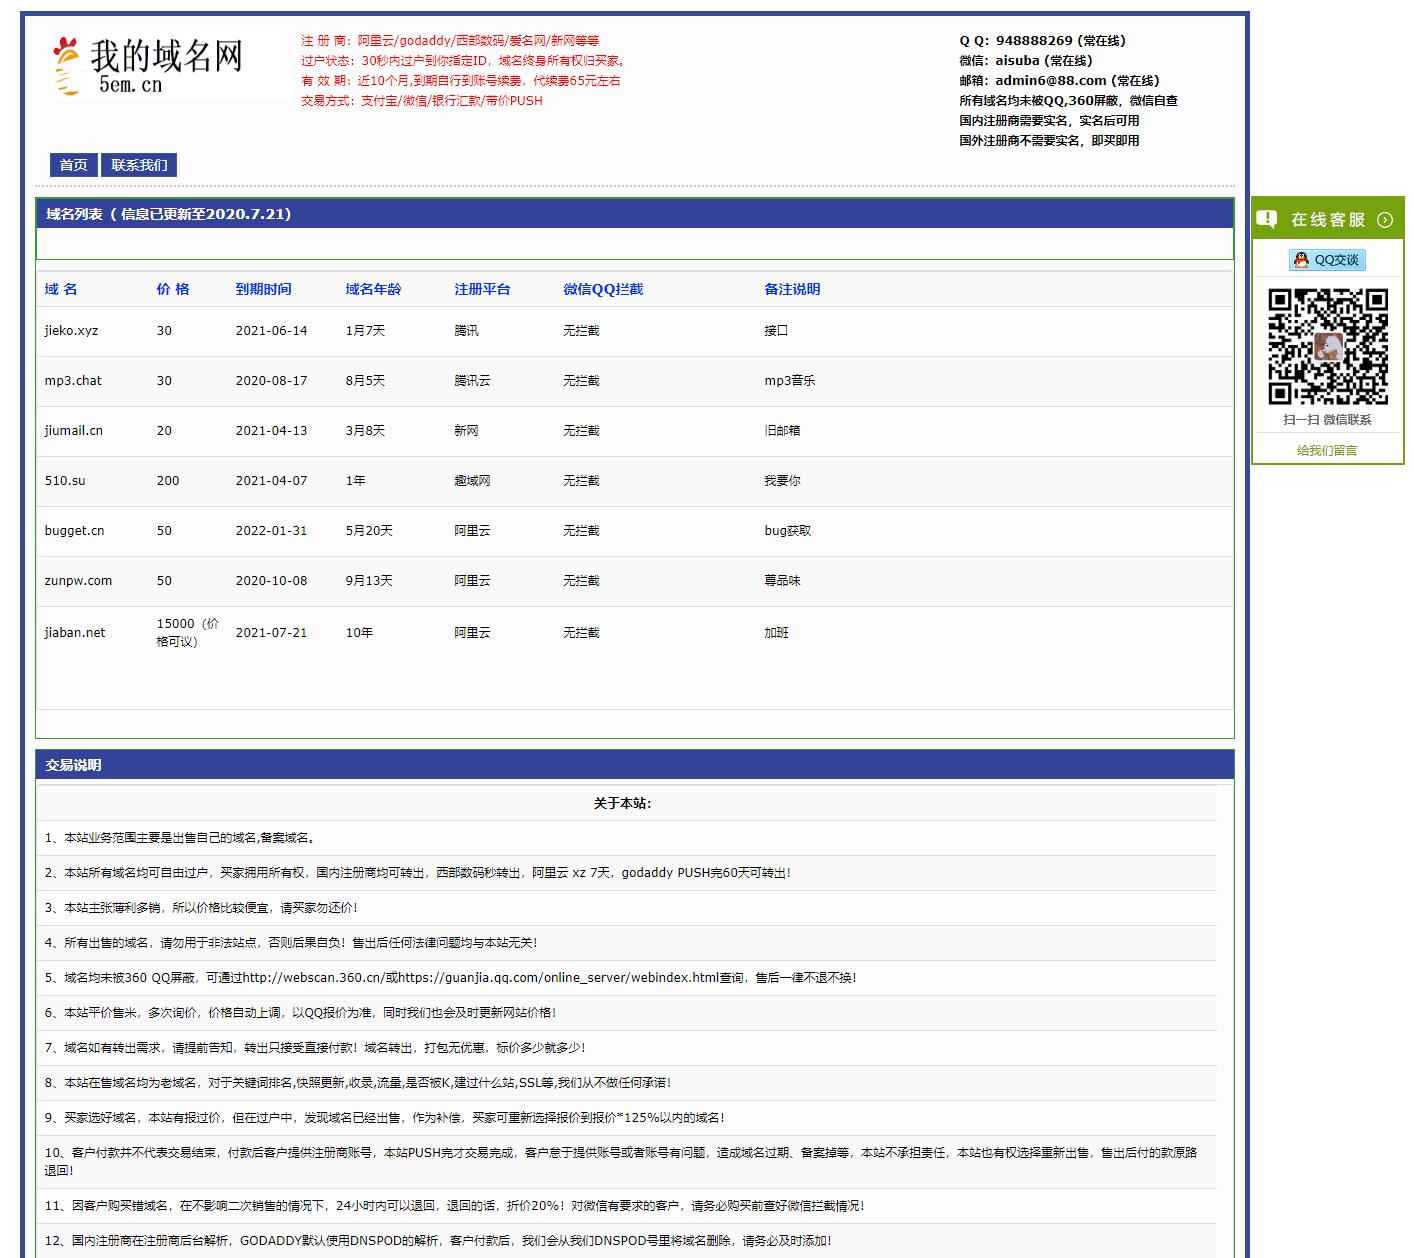 域名网在线出售域名源码